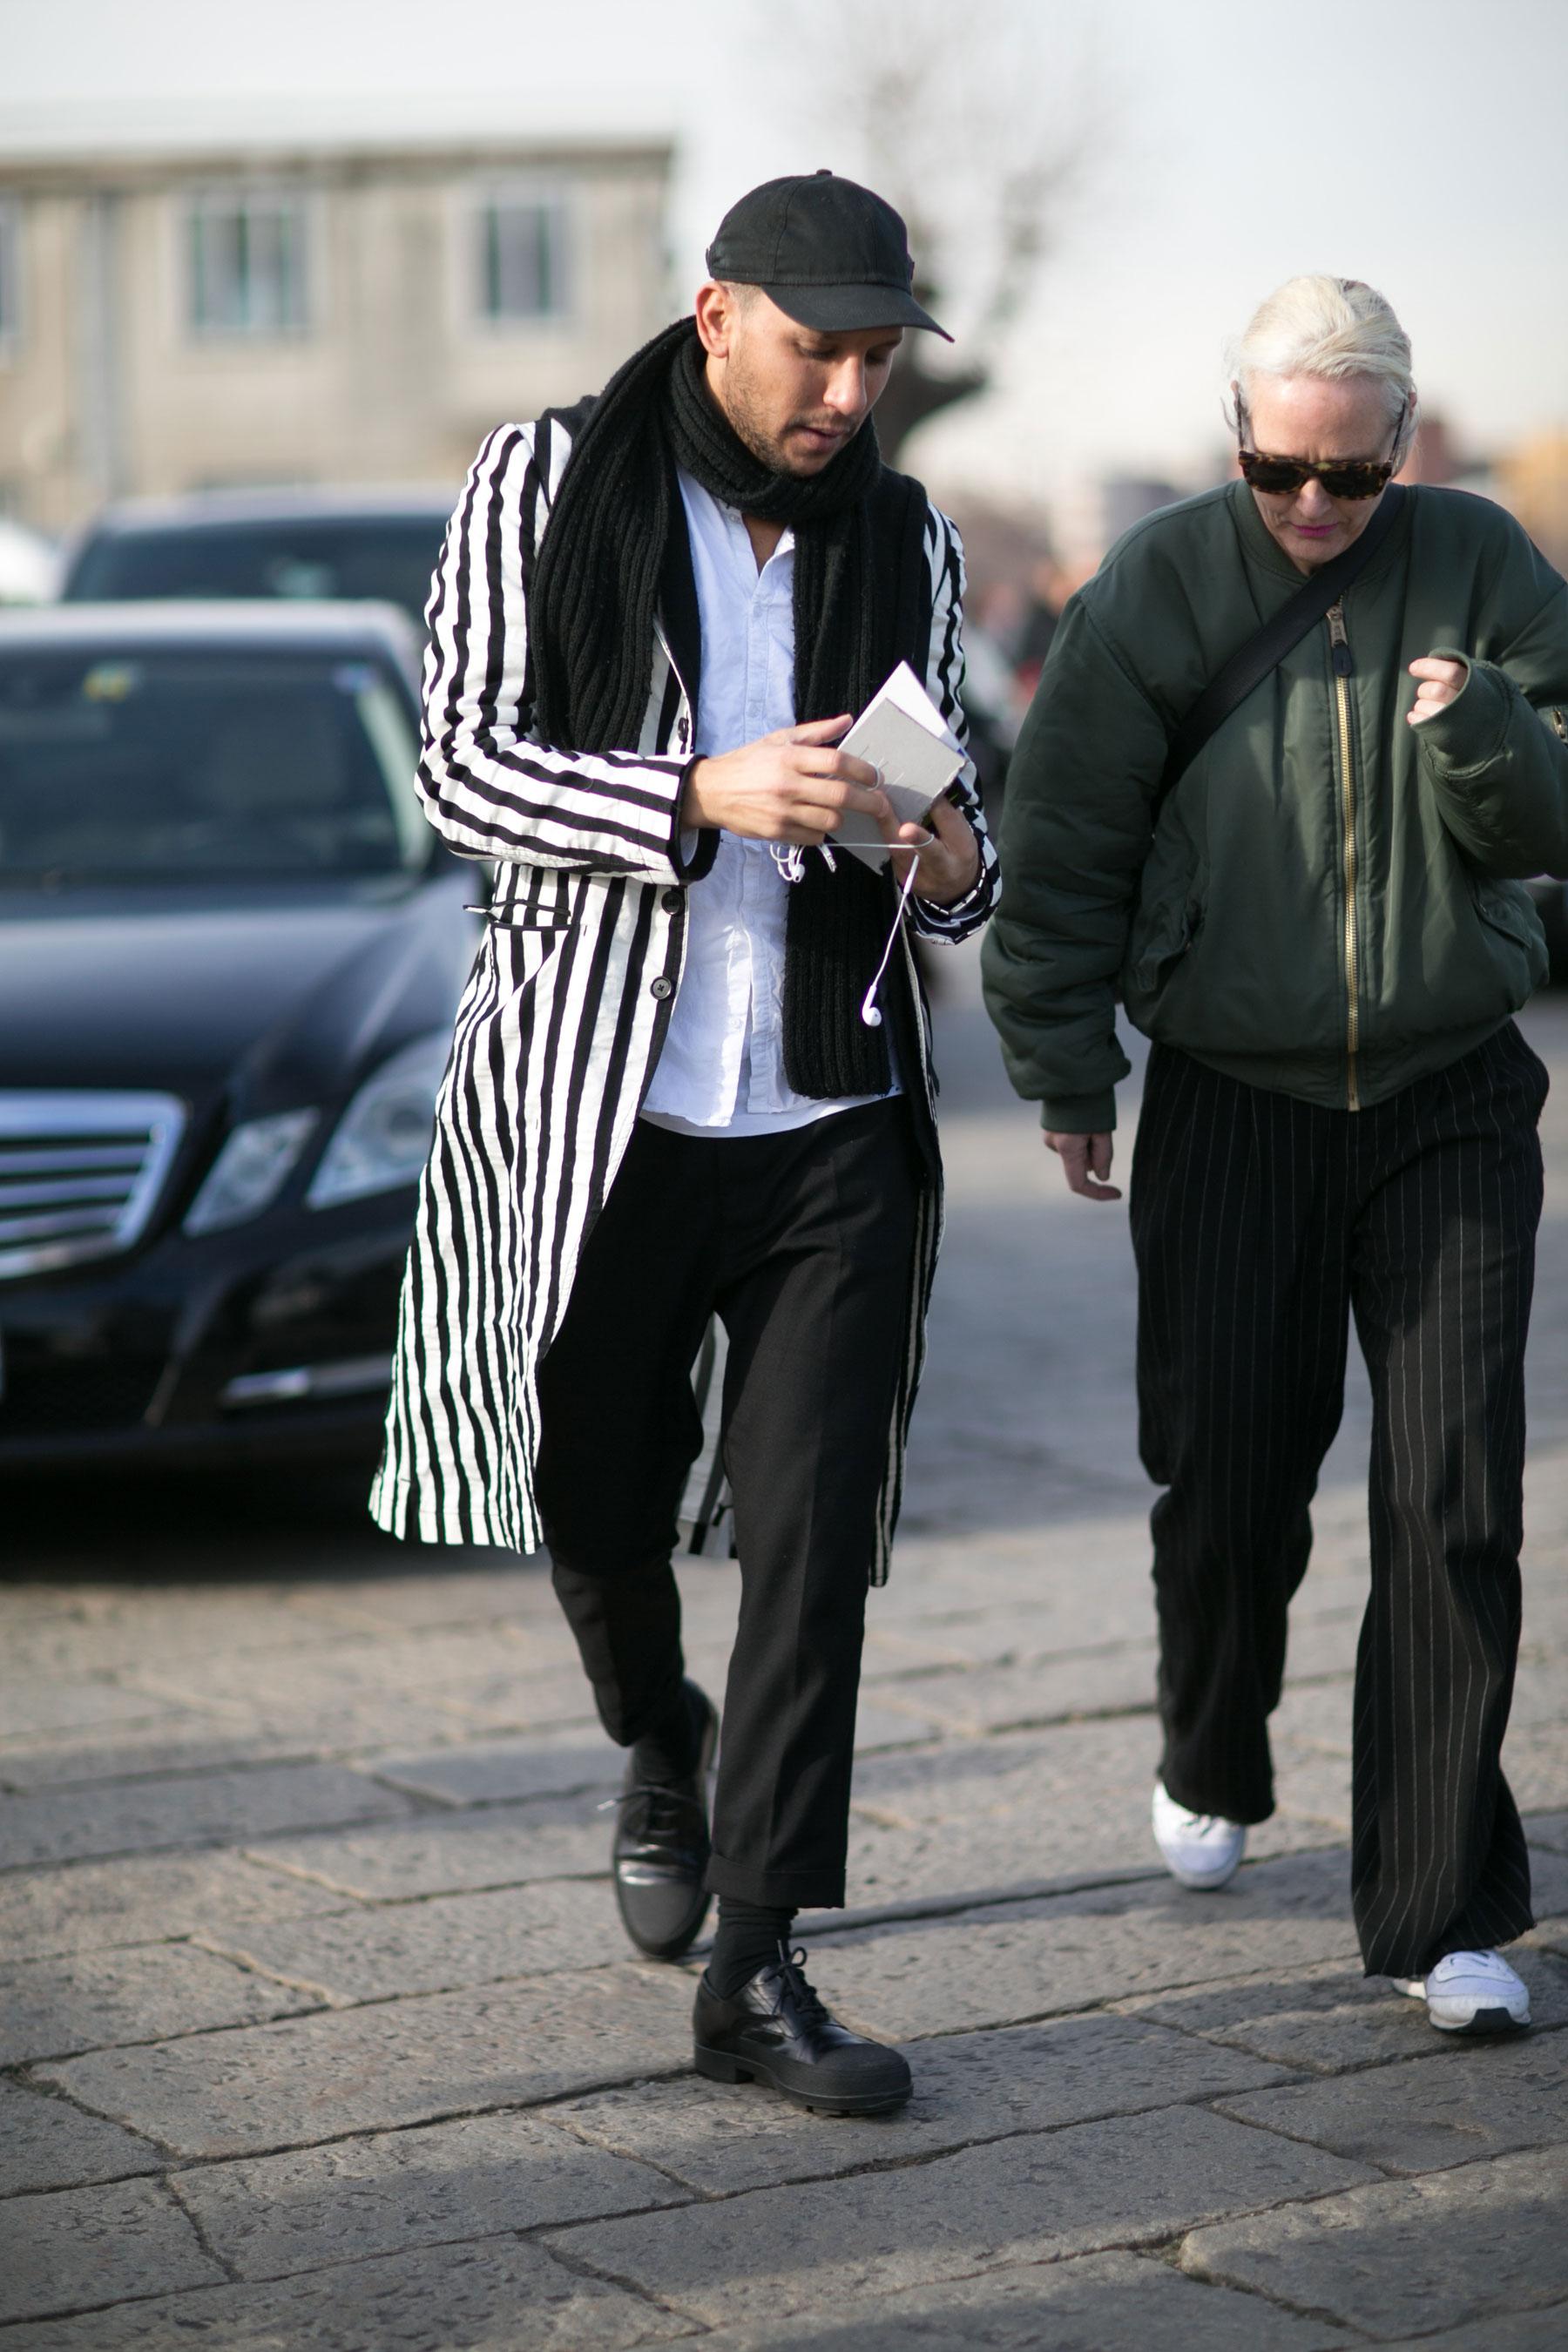 黒キャップ×黒マフラー×黒白ストライプチェスターコート×白シャツ×黒スラックス×黒ダービーシューズ